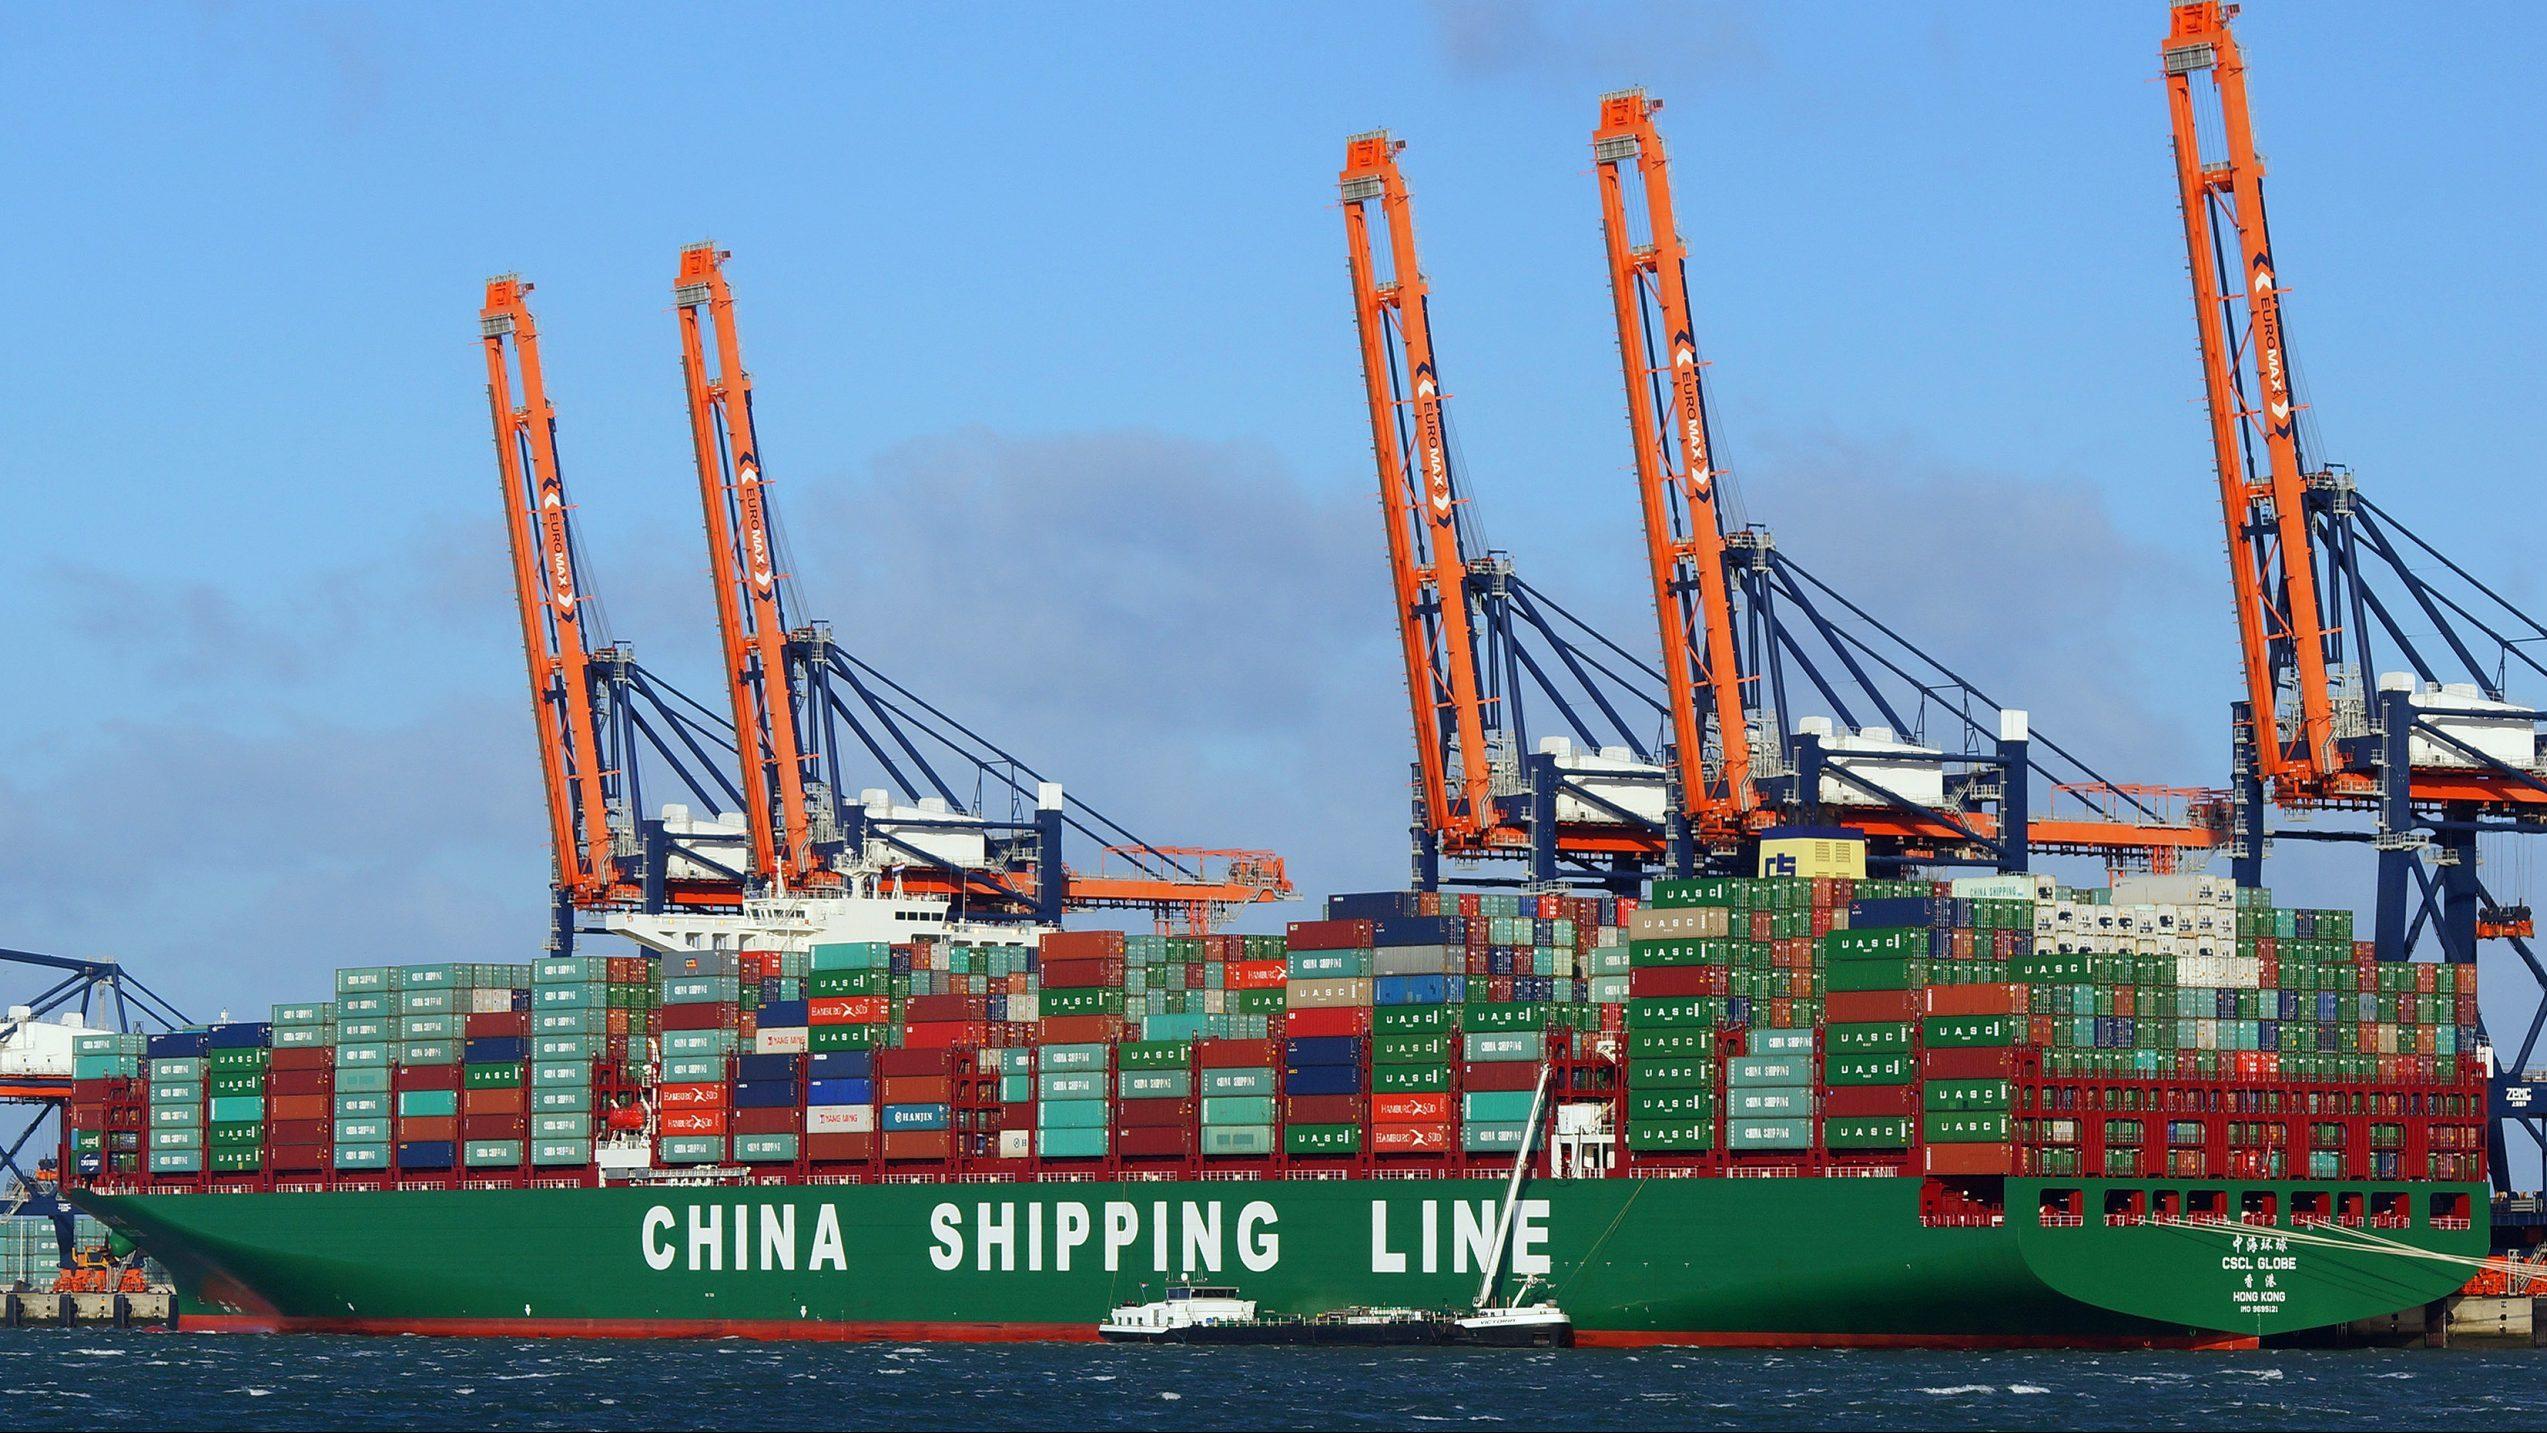 המשרד להגנת הסביבה מקדם תביעת ביטוח נגד האונייה האחראית לאירוע הזפת החמור בחופי ישראל